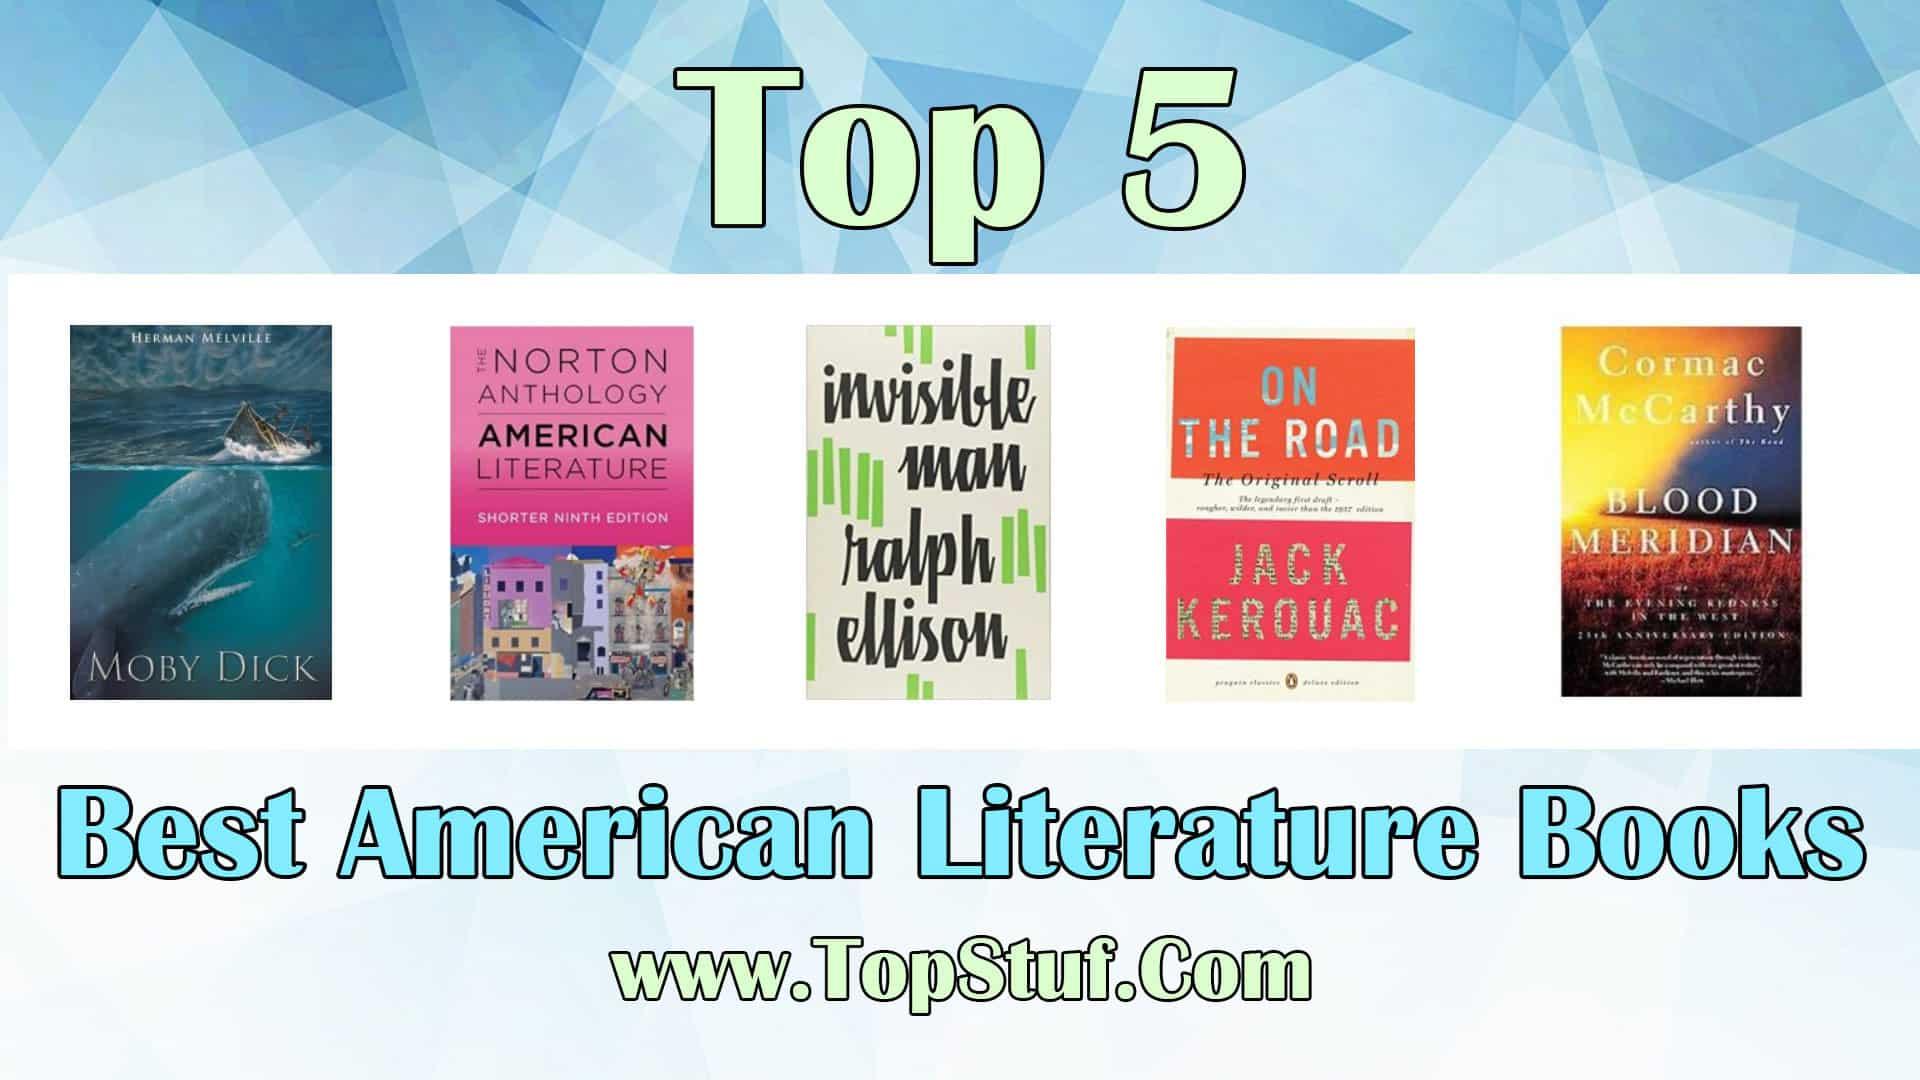 Top 5 Best American Literature Books